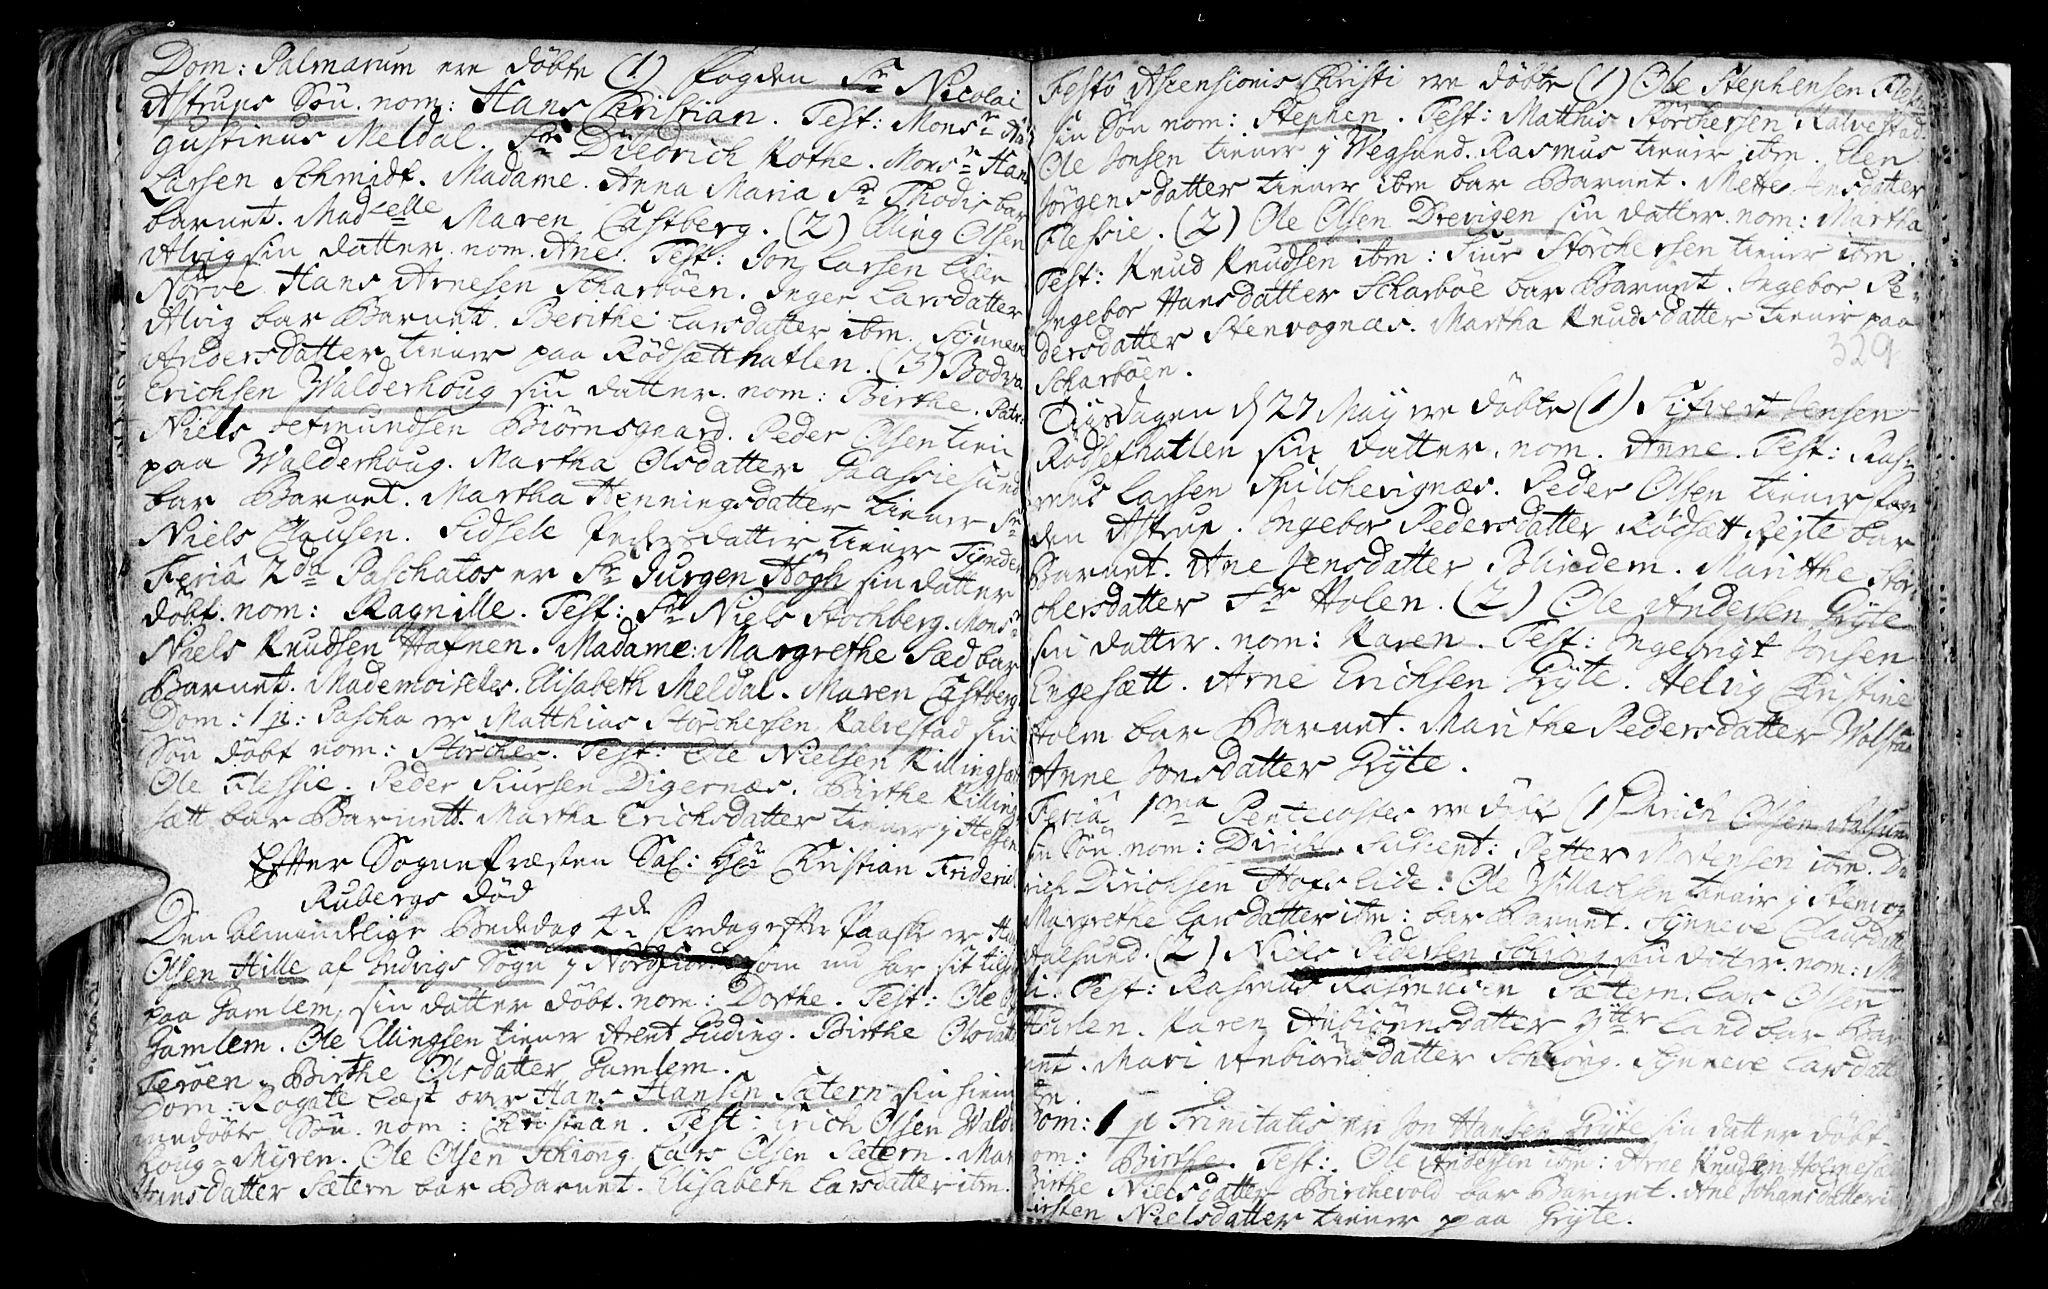 SAT, Ministerialprotokoller, klokkerbøker og fødselsregistre - Møre og Romsdal, 528/L0390: Ministerialbok nr. 528A01, 1698-1739, s. 328-329